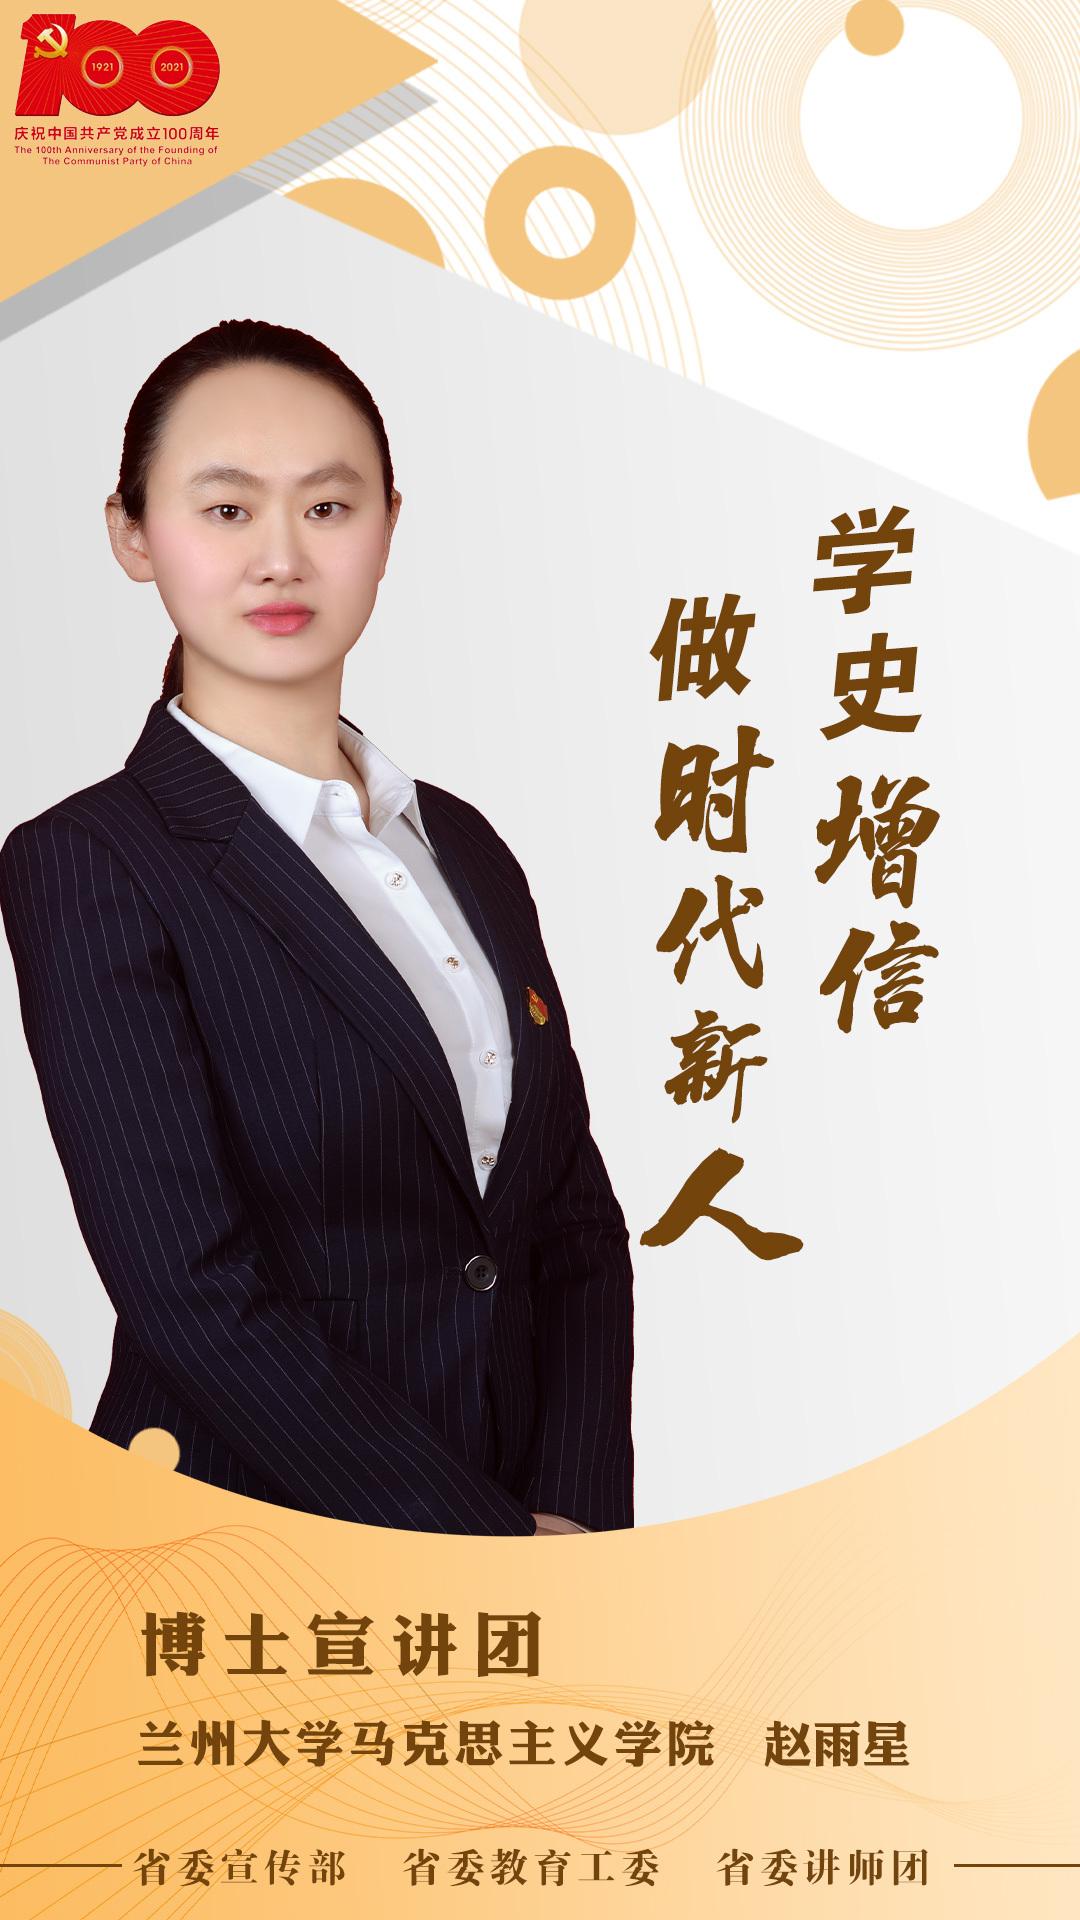 海报  博士宣讲团赵雨星:学史增信 做时代新人